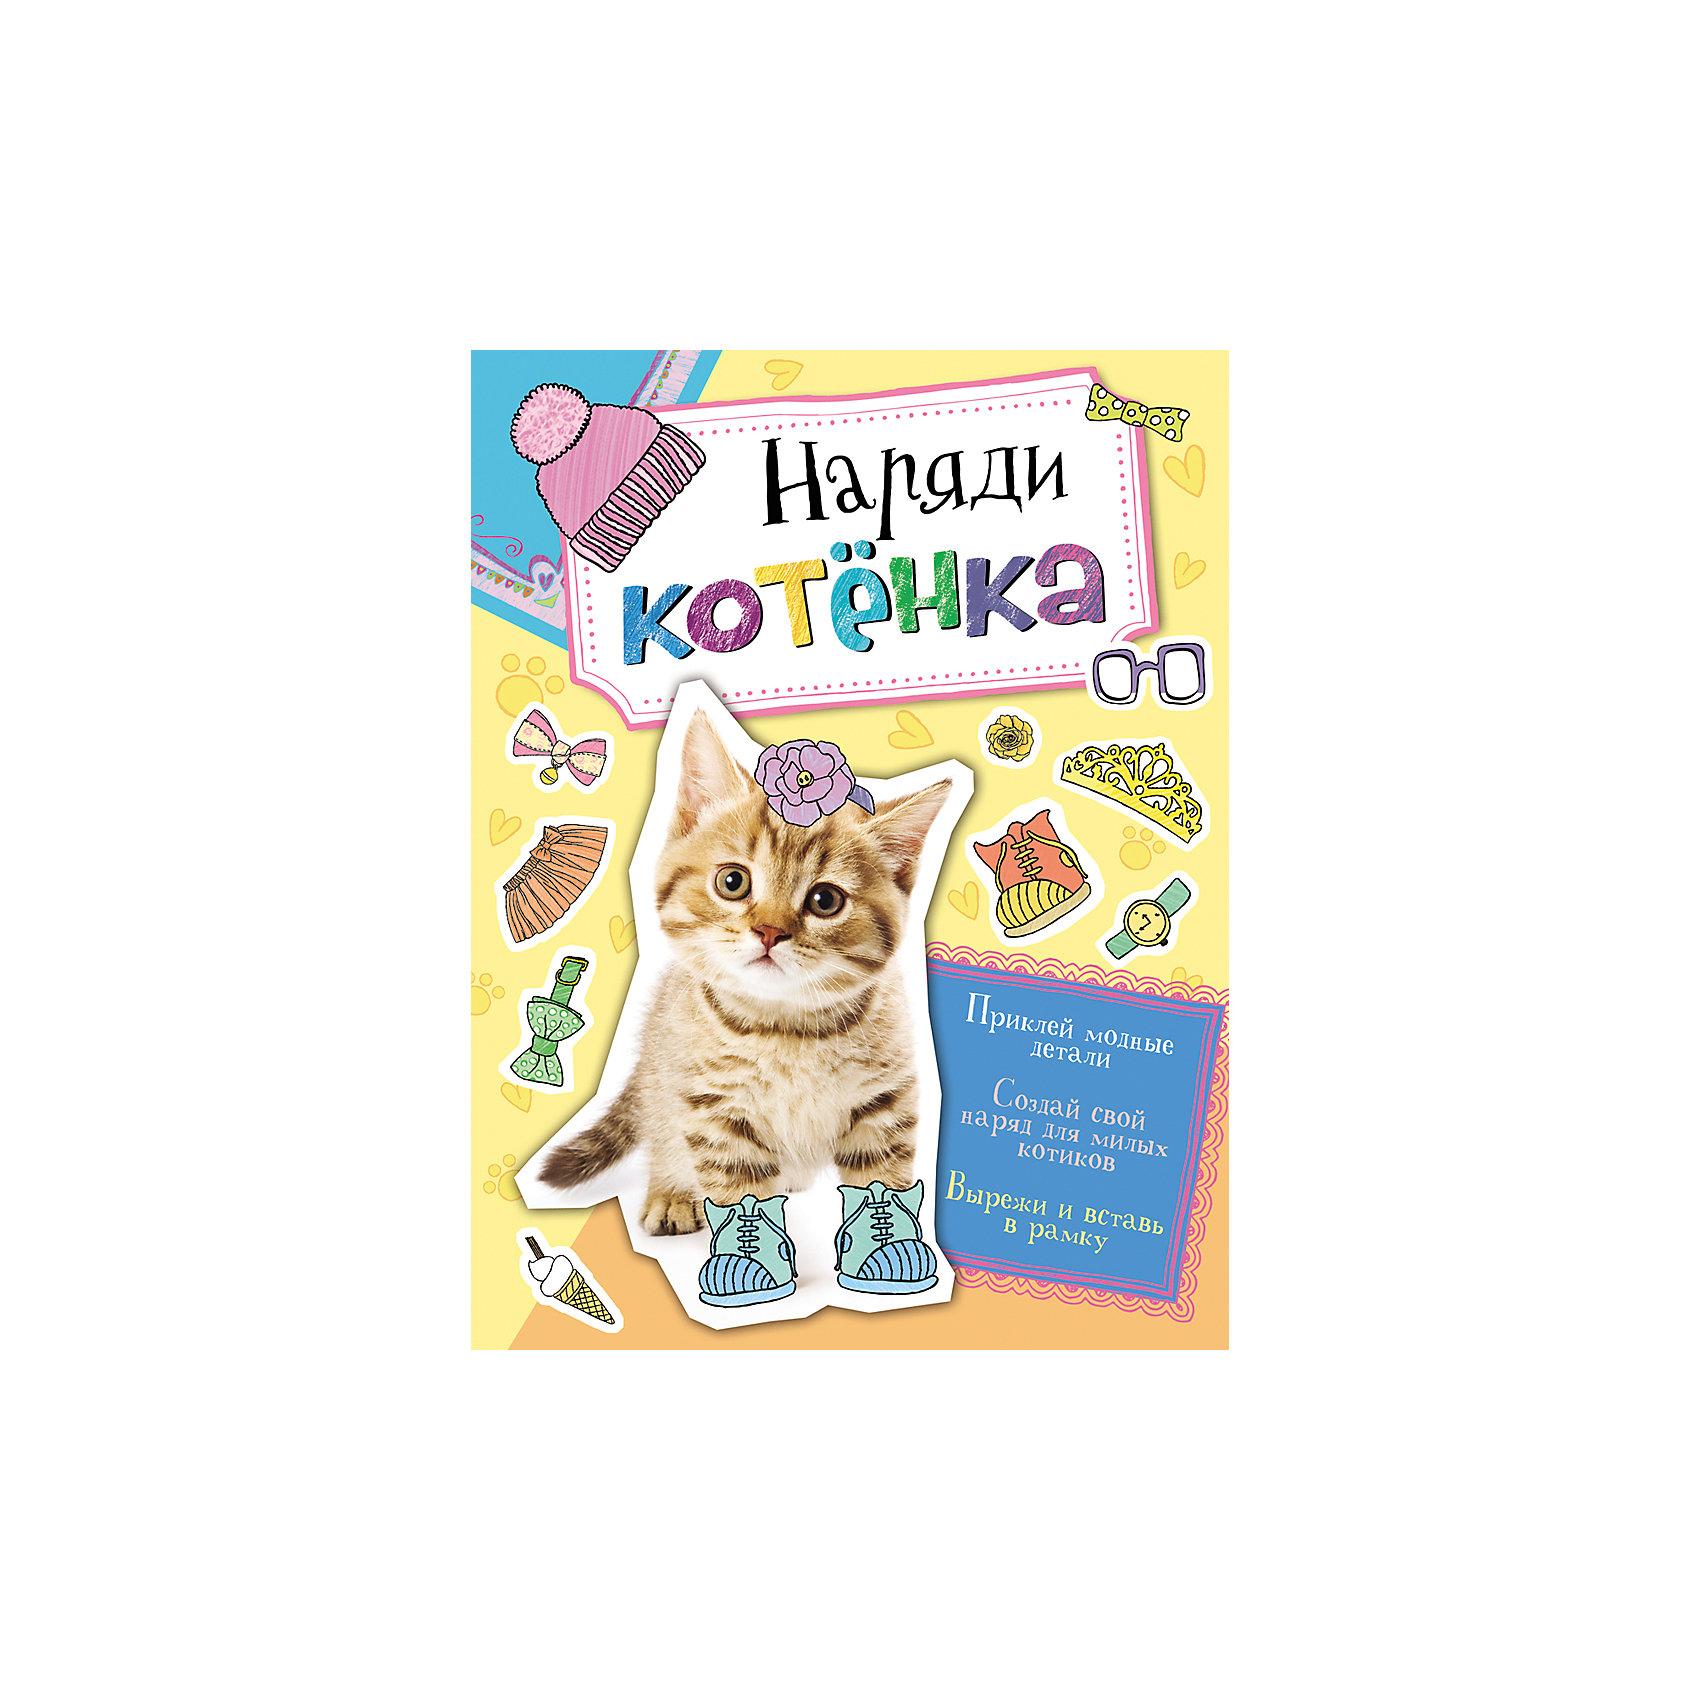 Росмэн Наряди котенка бесплатно бенгальского котенка на сахалине